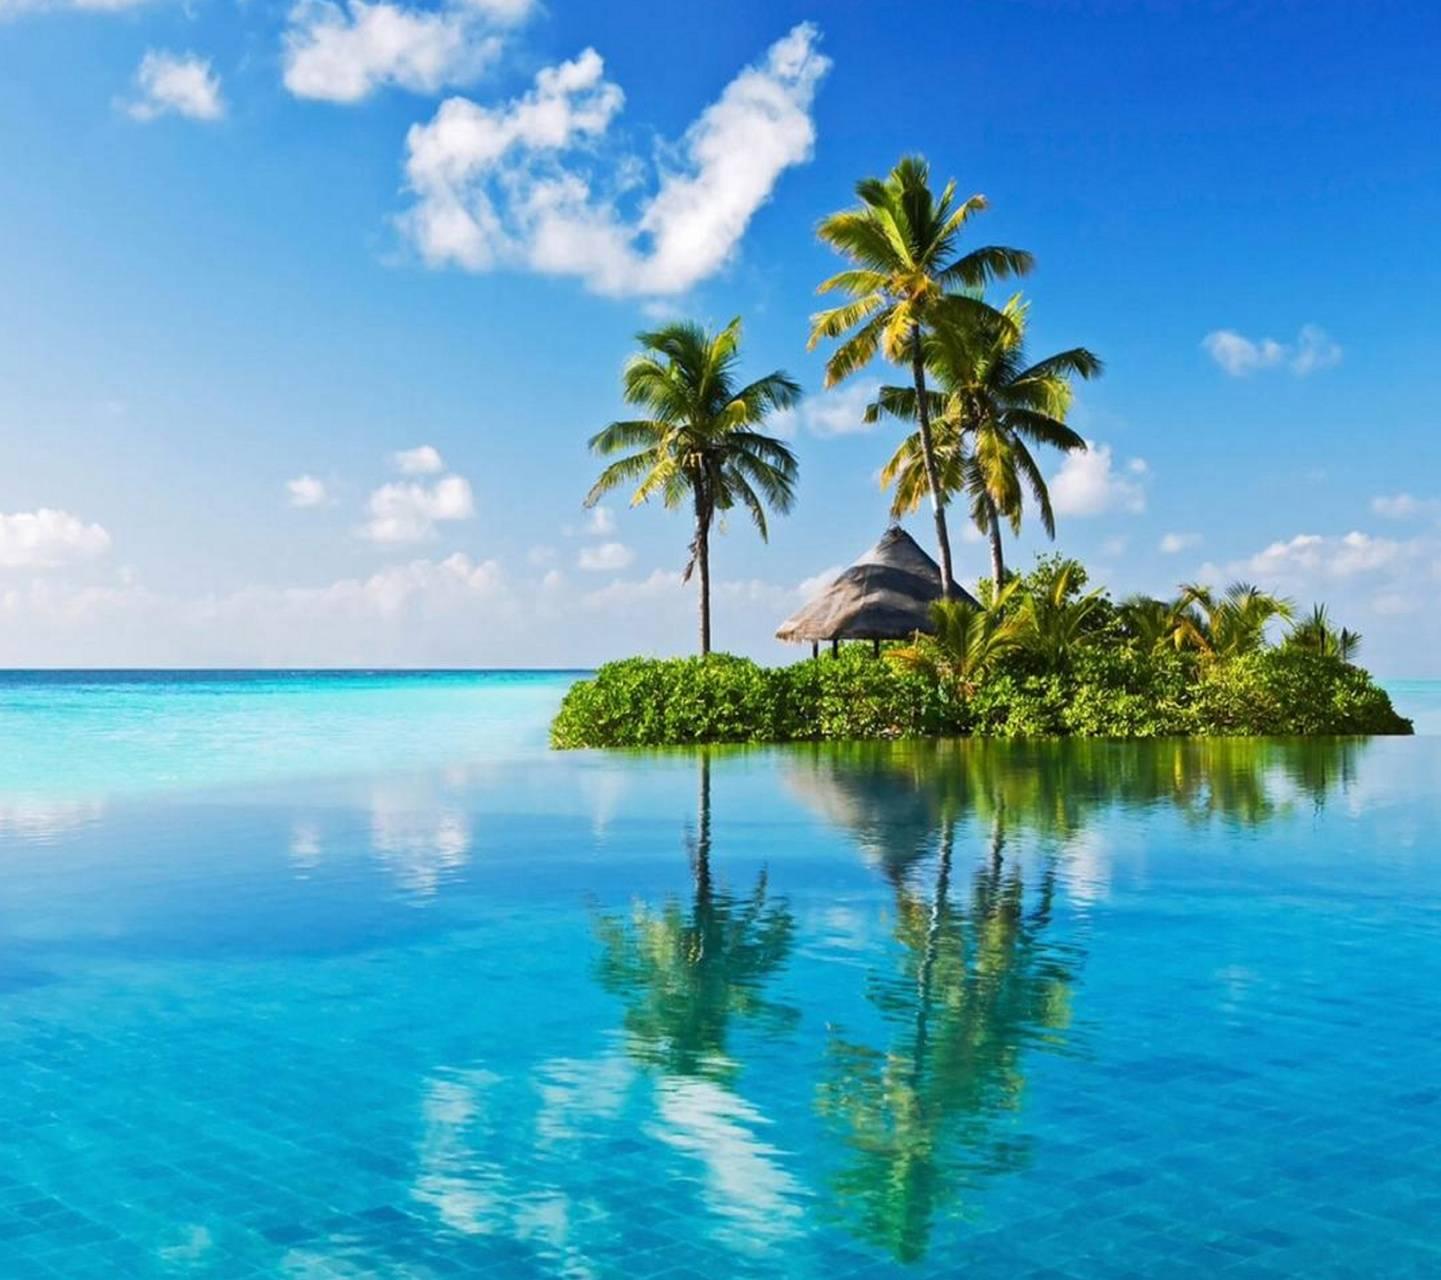 Island Beach Wallpaper: Summer Island Wallpaper By Floradam